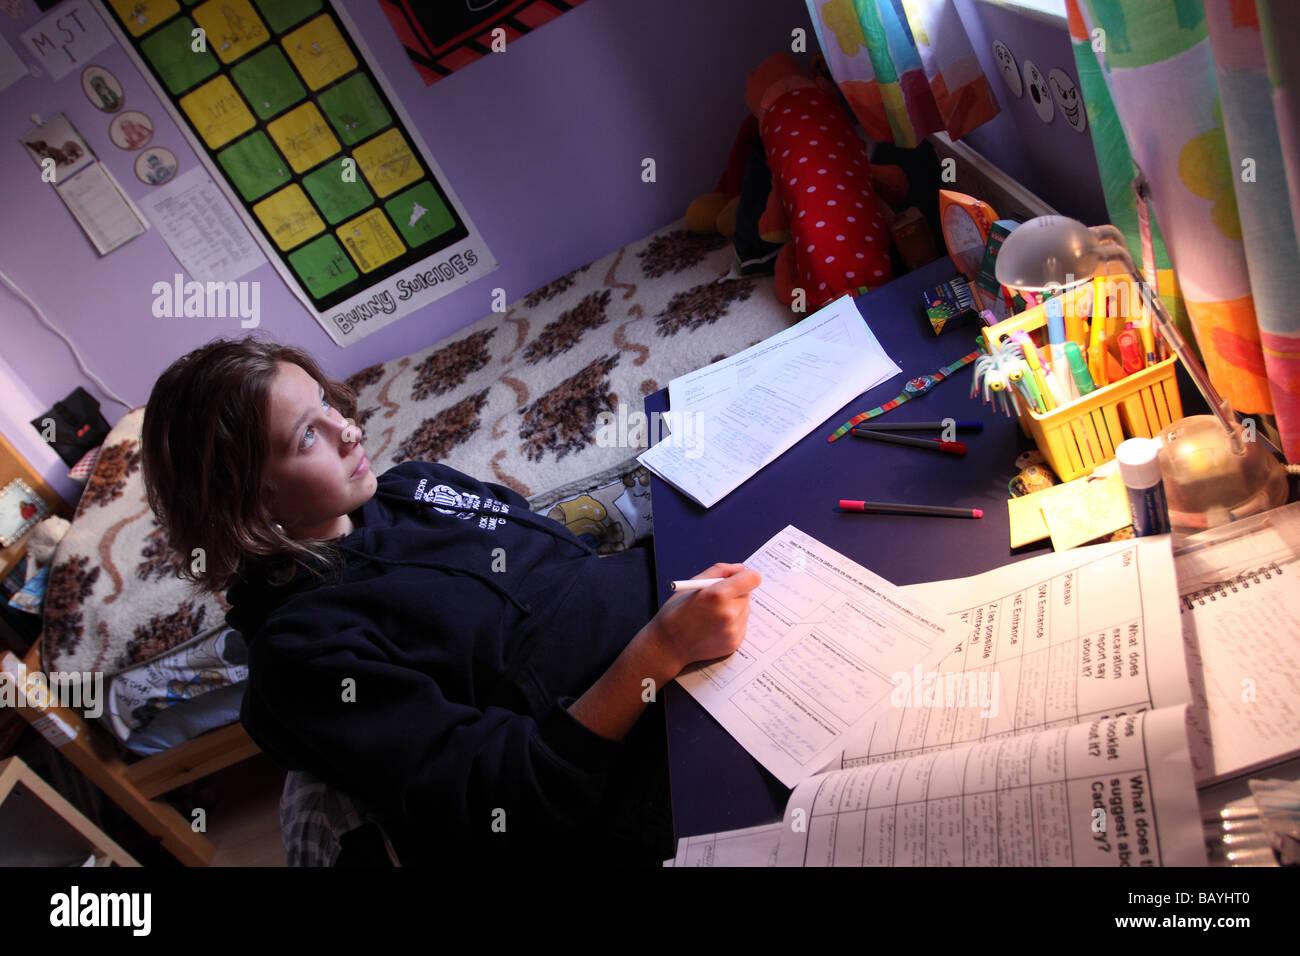 Joven adolescente de 15 años de edad pensando que hacer sus deberes escolares en su habitación de estudio Imagen De Stock